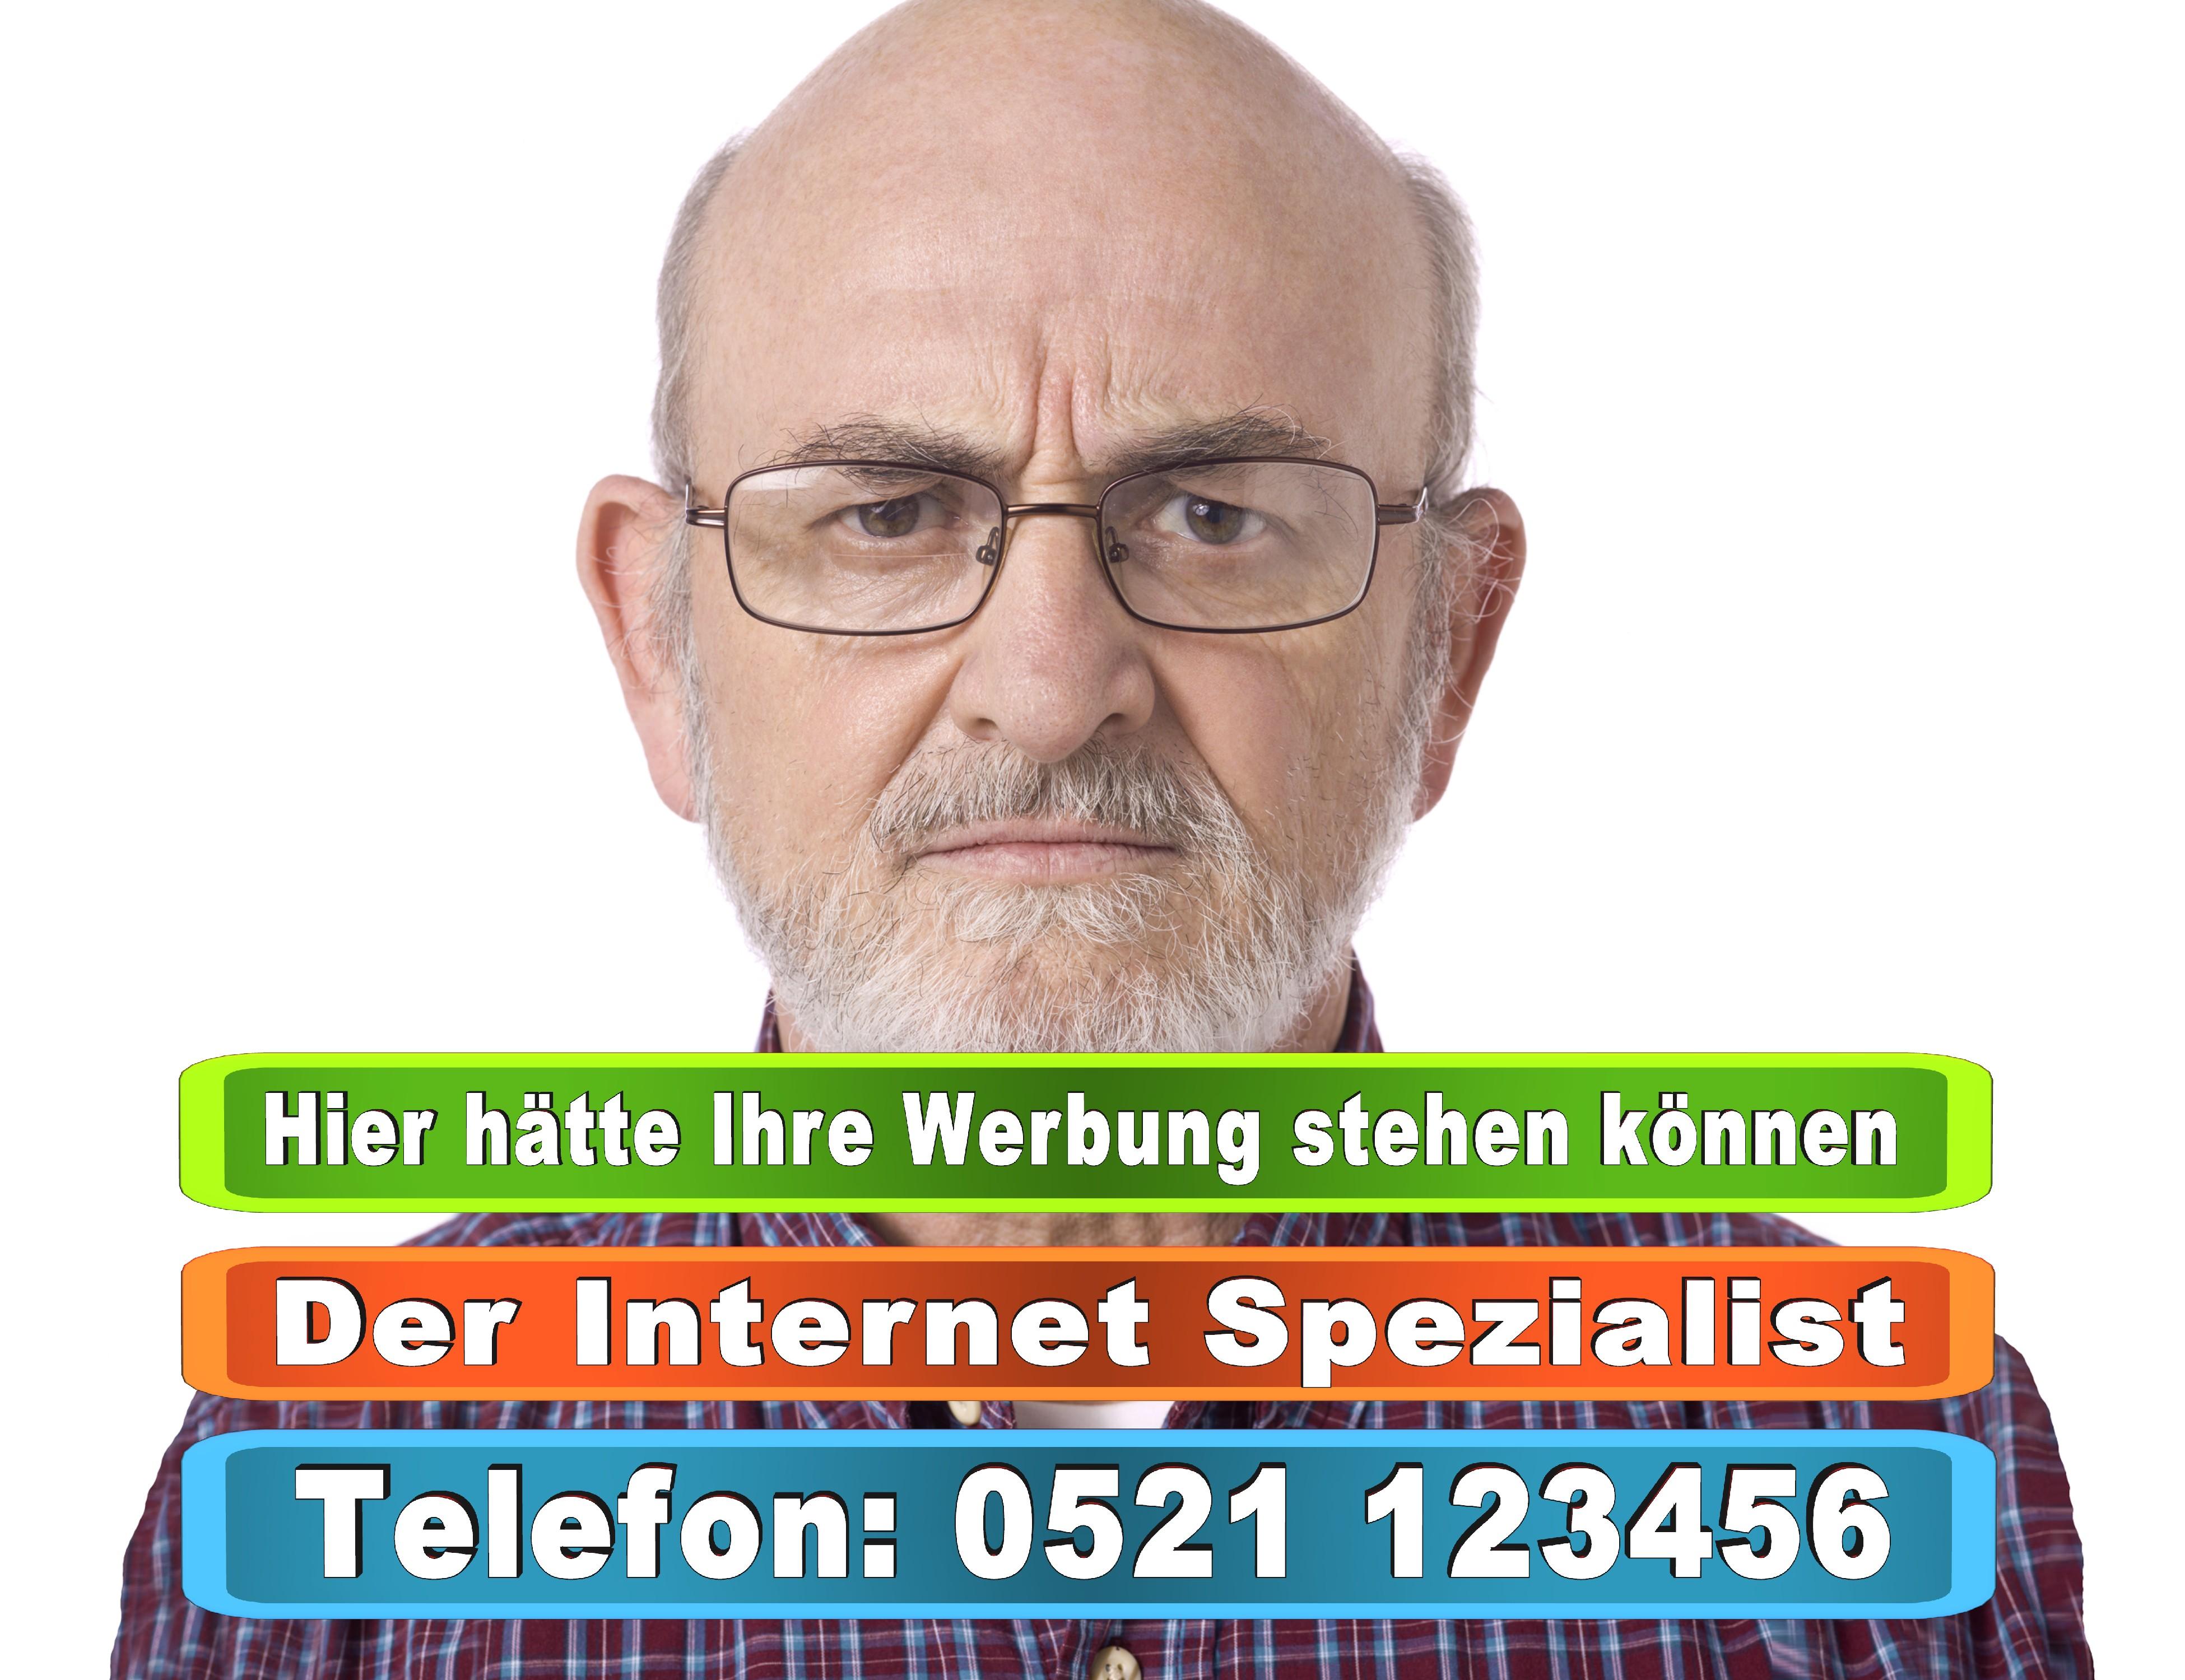 Bielefeld Werbung Werbeanzeigen Zeitungen Bielefeld OWL NRW Demonstrationen Polizei Bielefeld Kleinanzeigen Bielefeld Berlin Hamburg Köln (10)